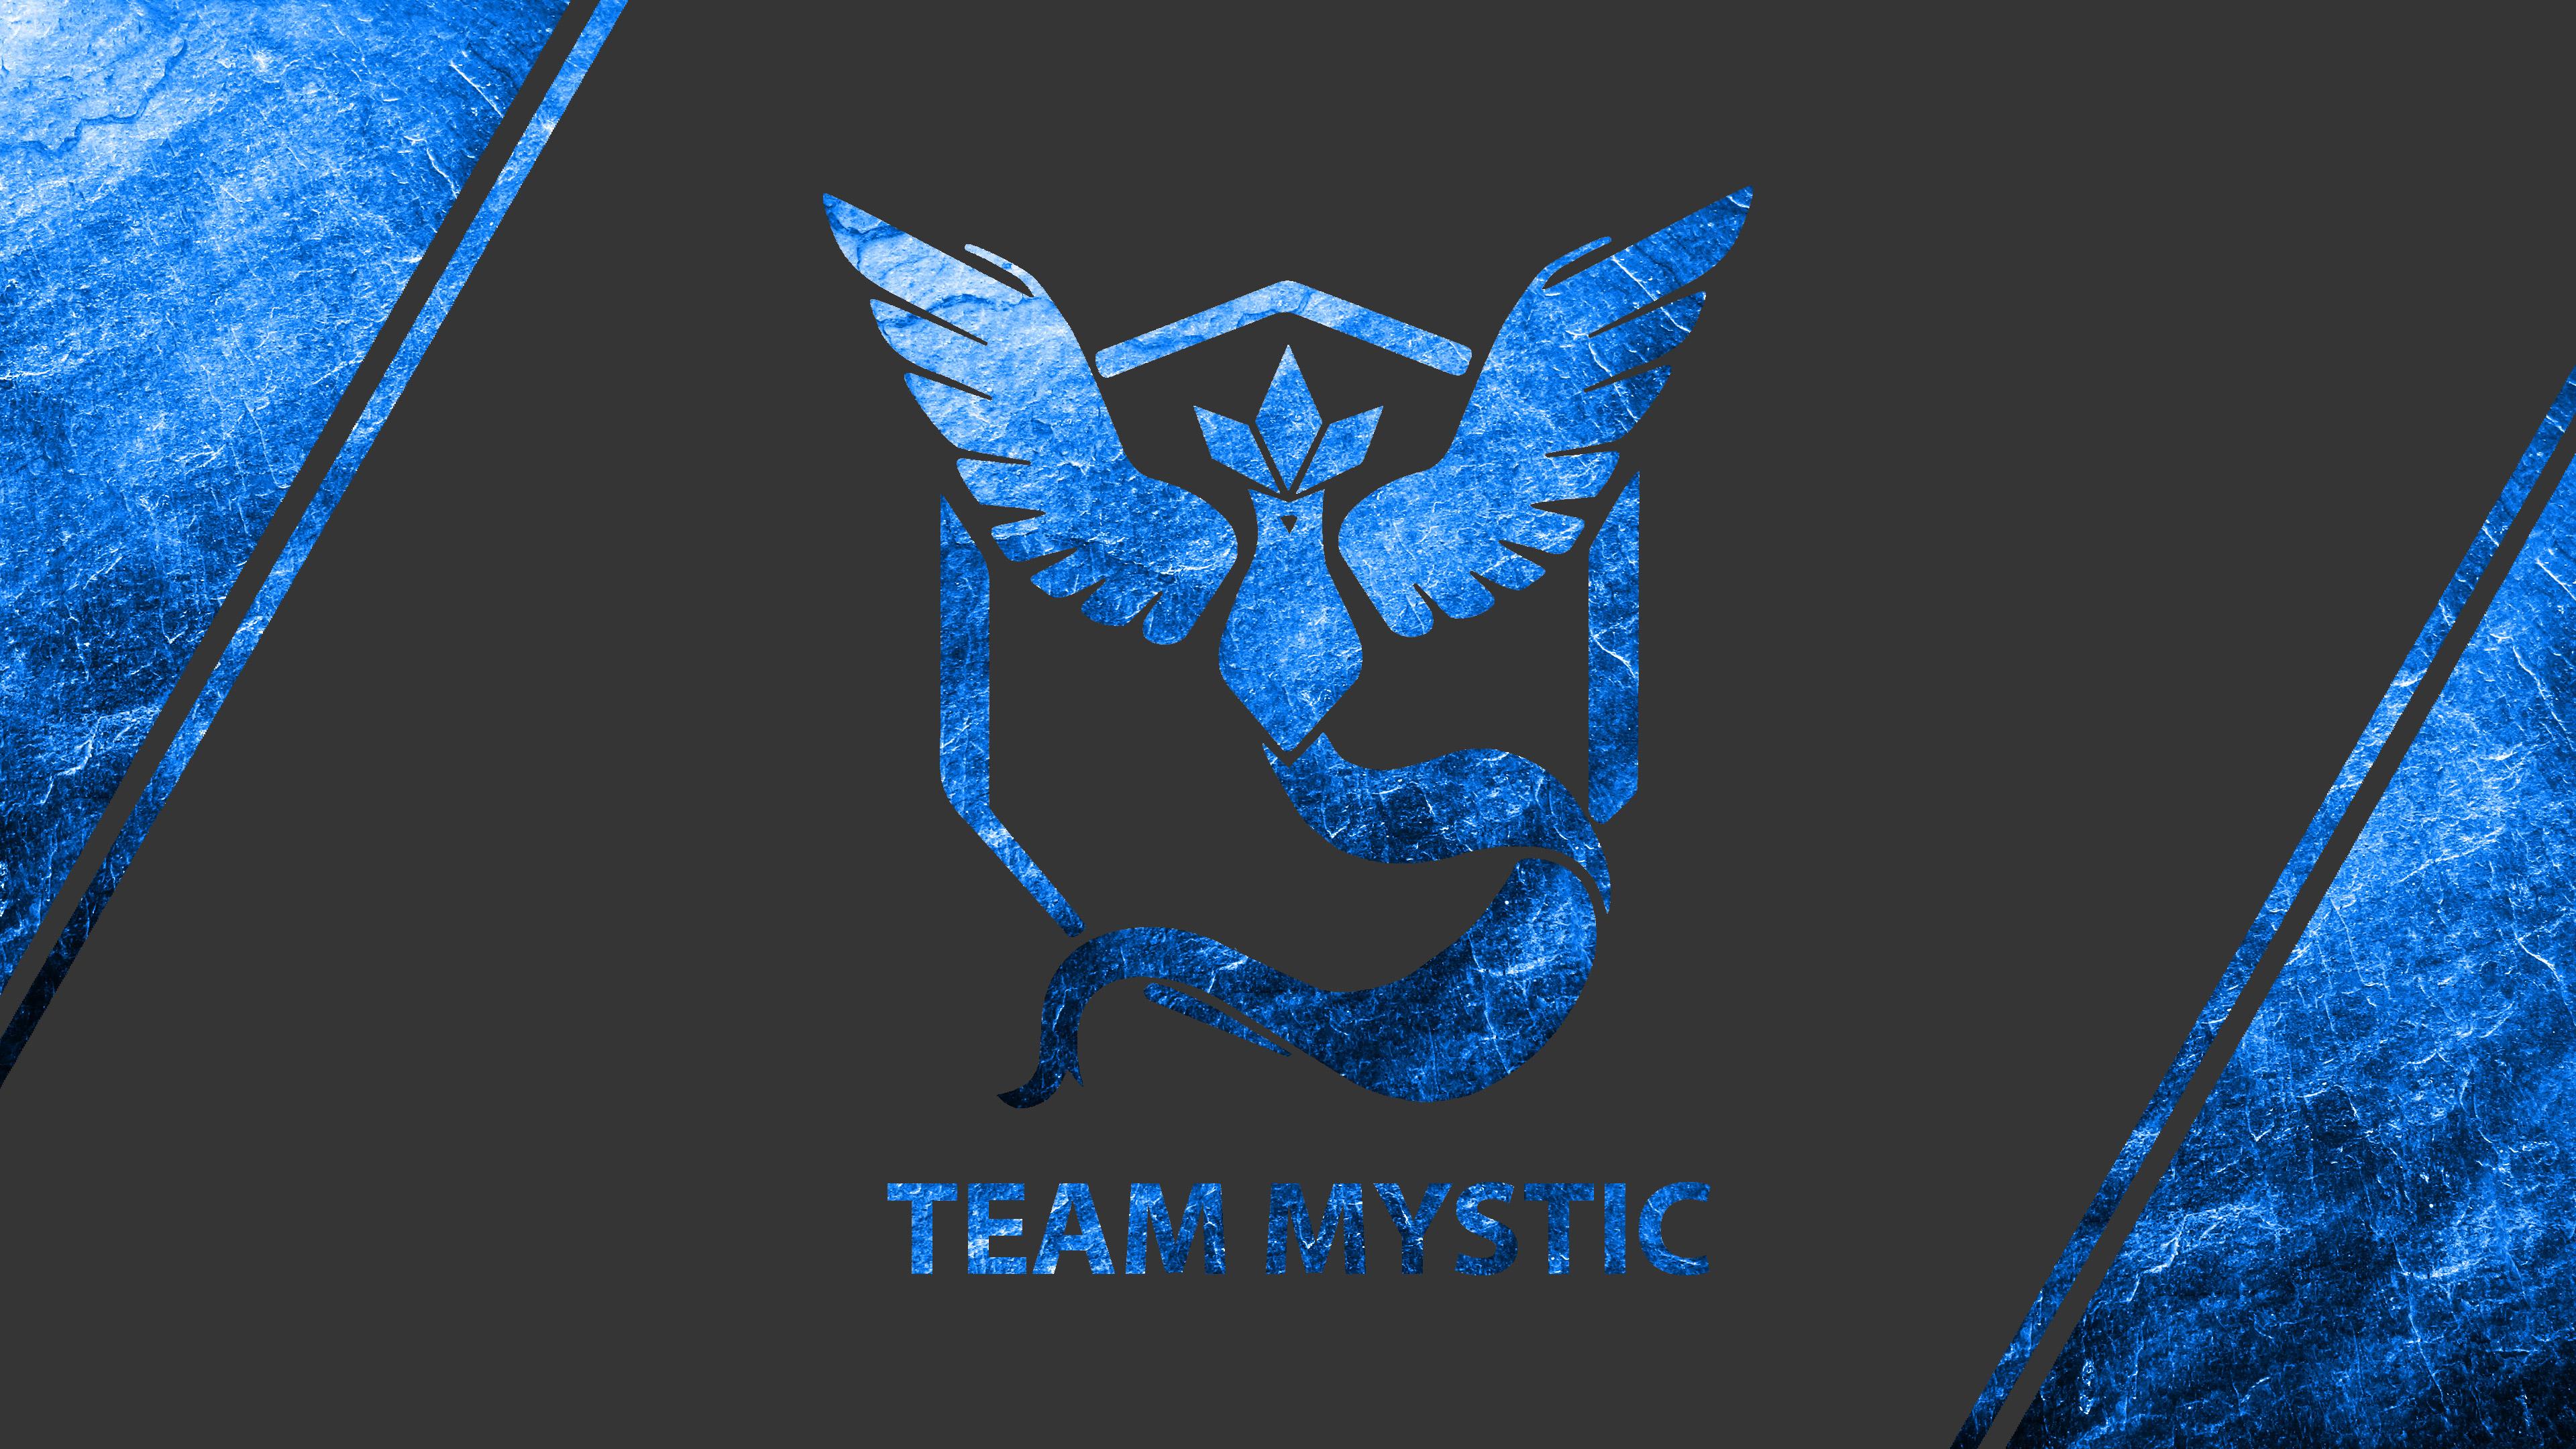 mystic hd desktop wallpaper - photo #31